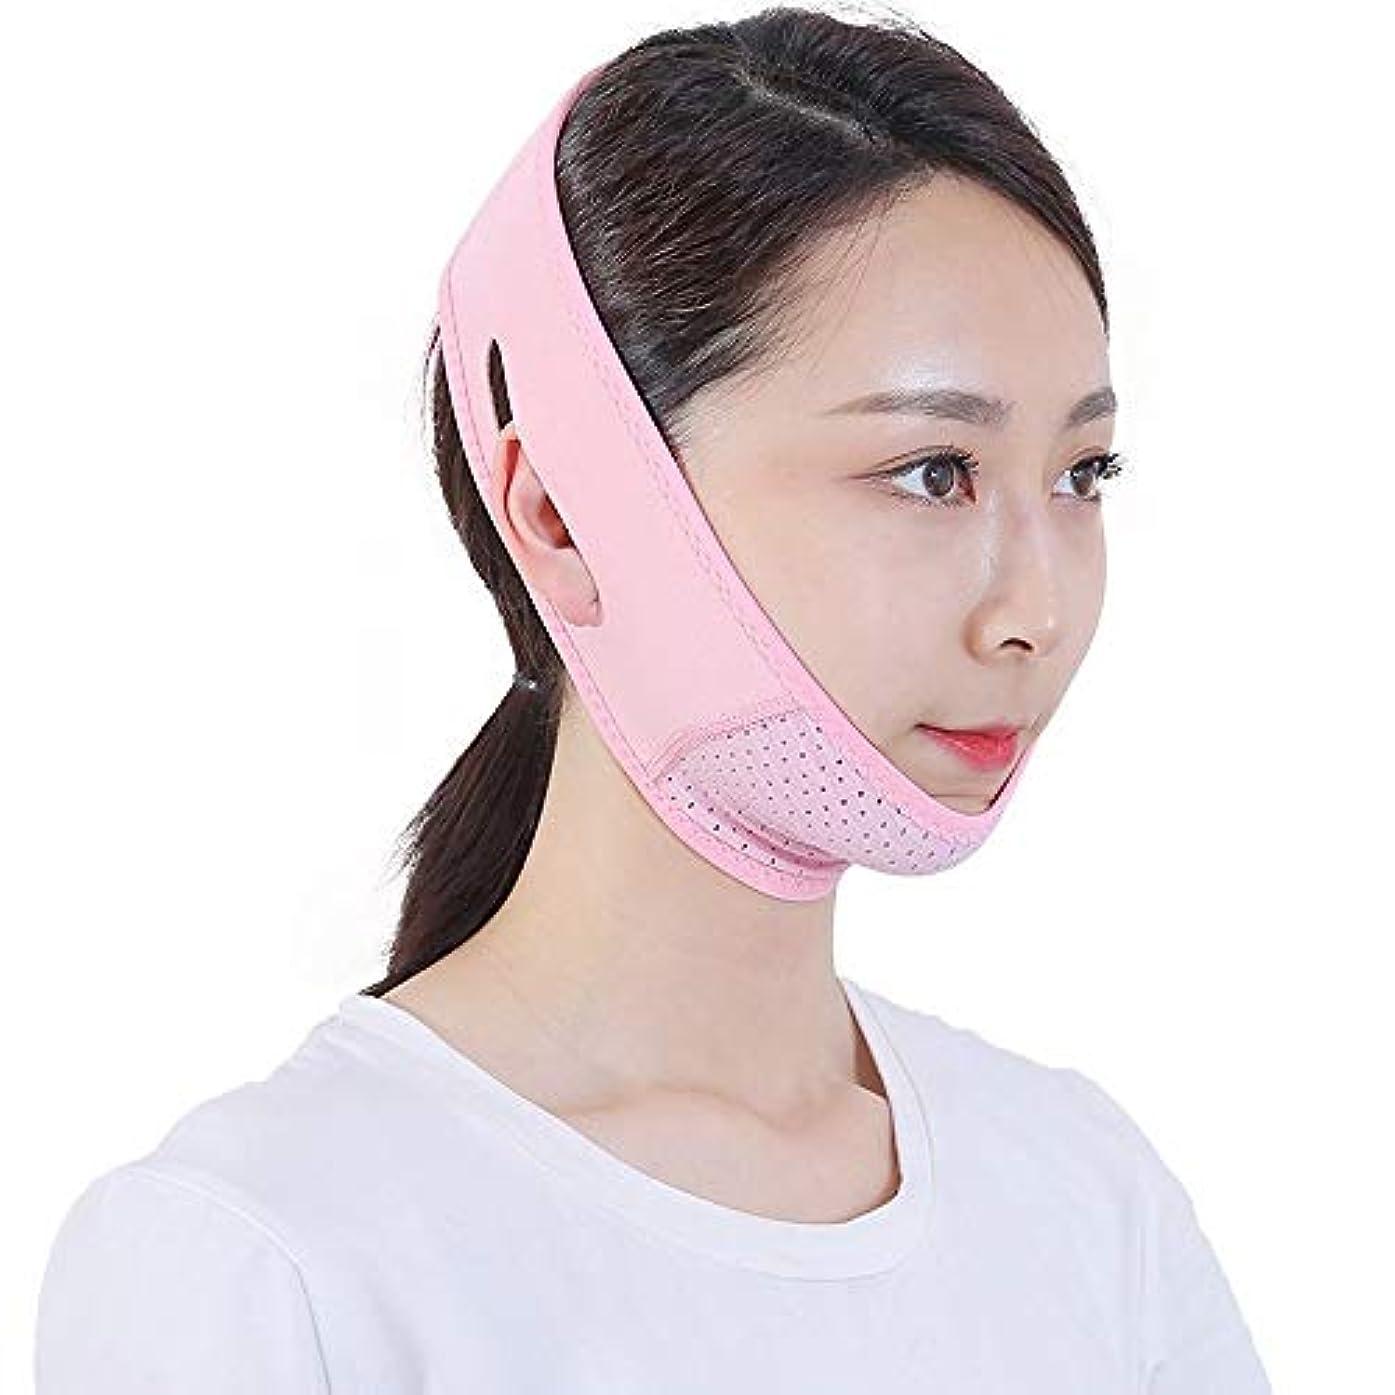 水息子拒否フェイスリフティングベルト、フェイスリフティング包帯フェイシャルフェイスシェイパーV字型包帯美容機器は、二重あごのしわ防止 (Color : Pink)